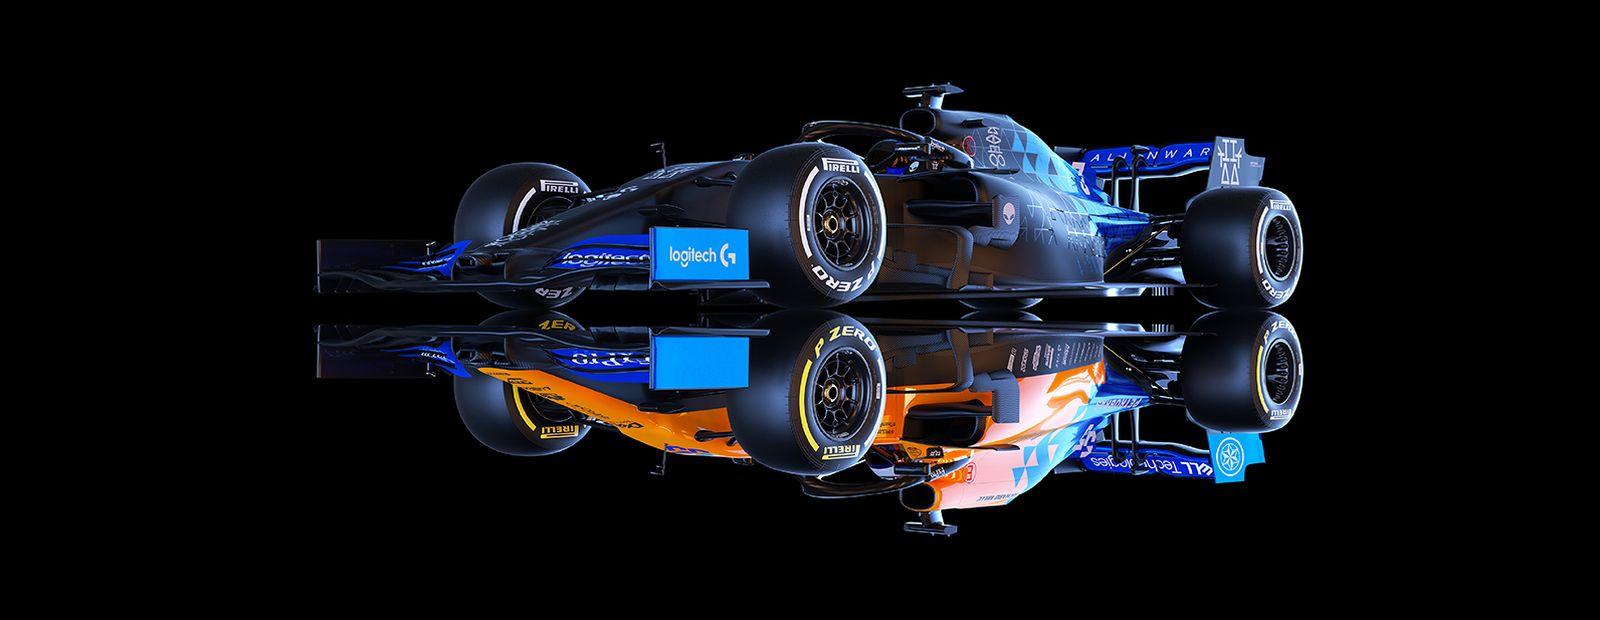 McLaren Racing - Setup your sim